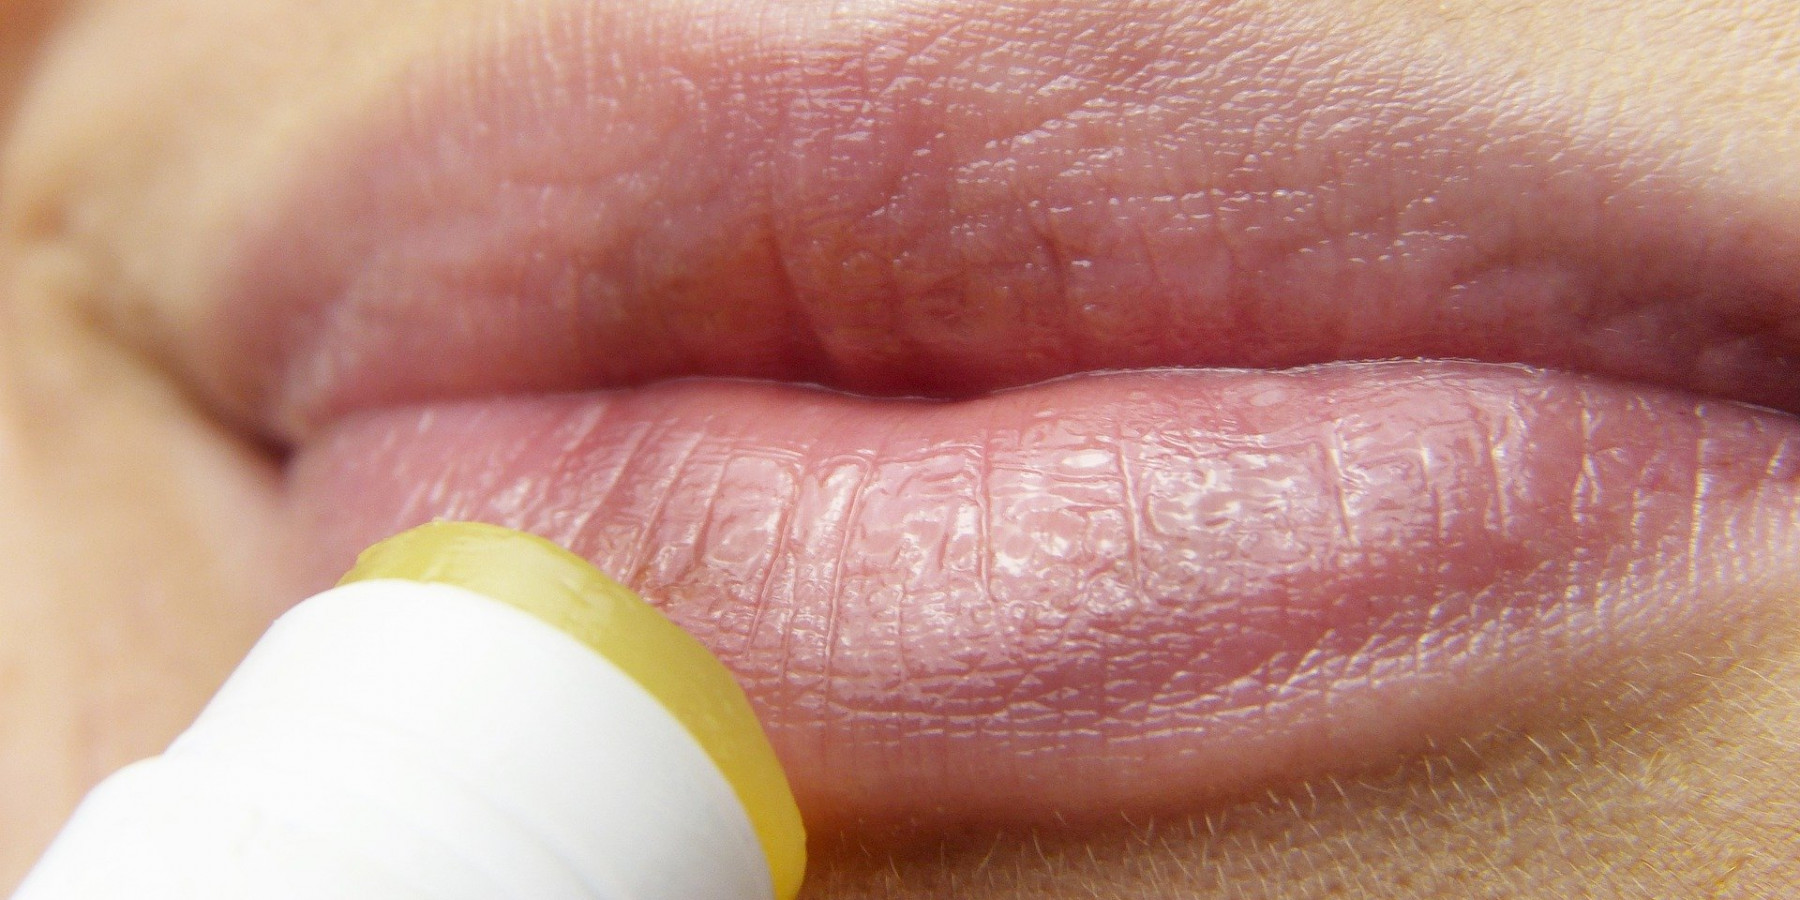 Herpes: Sonne und Stress begünstigen Lippenbläschen